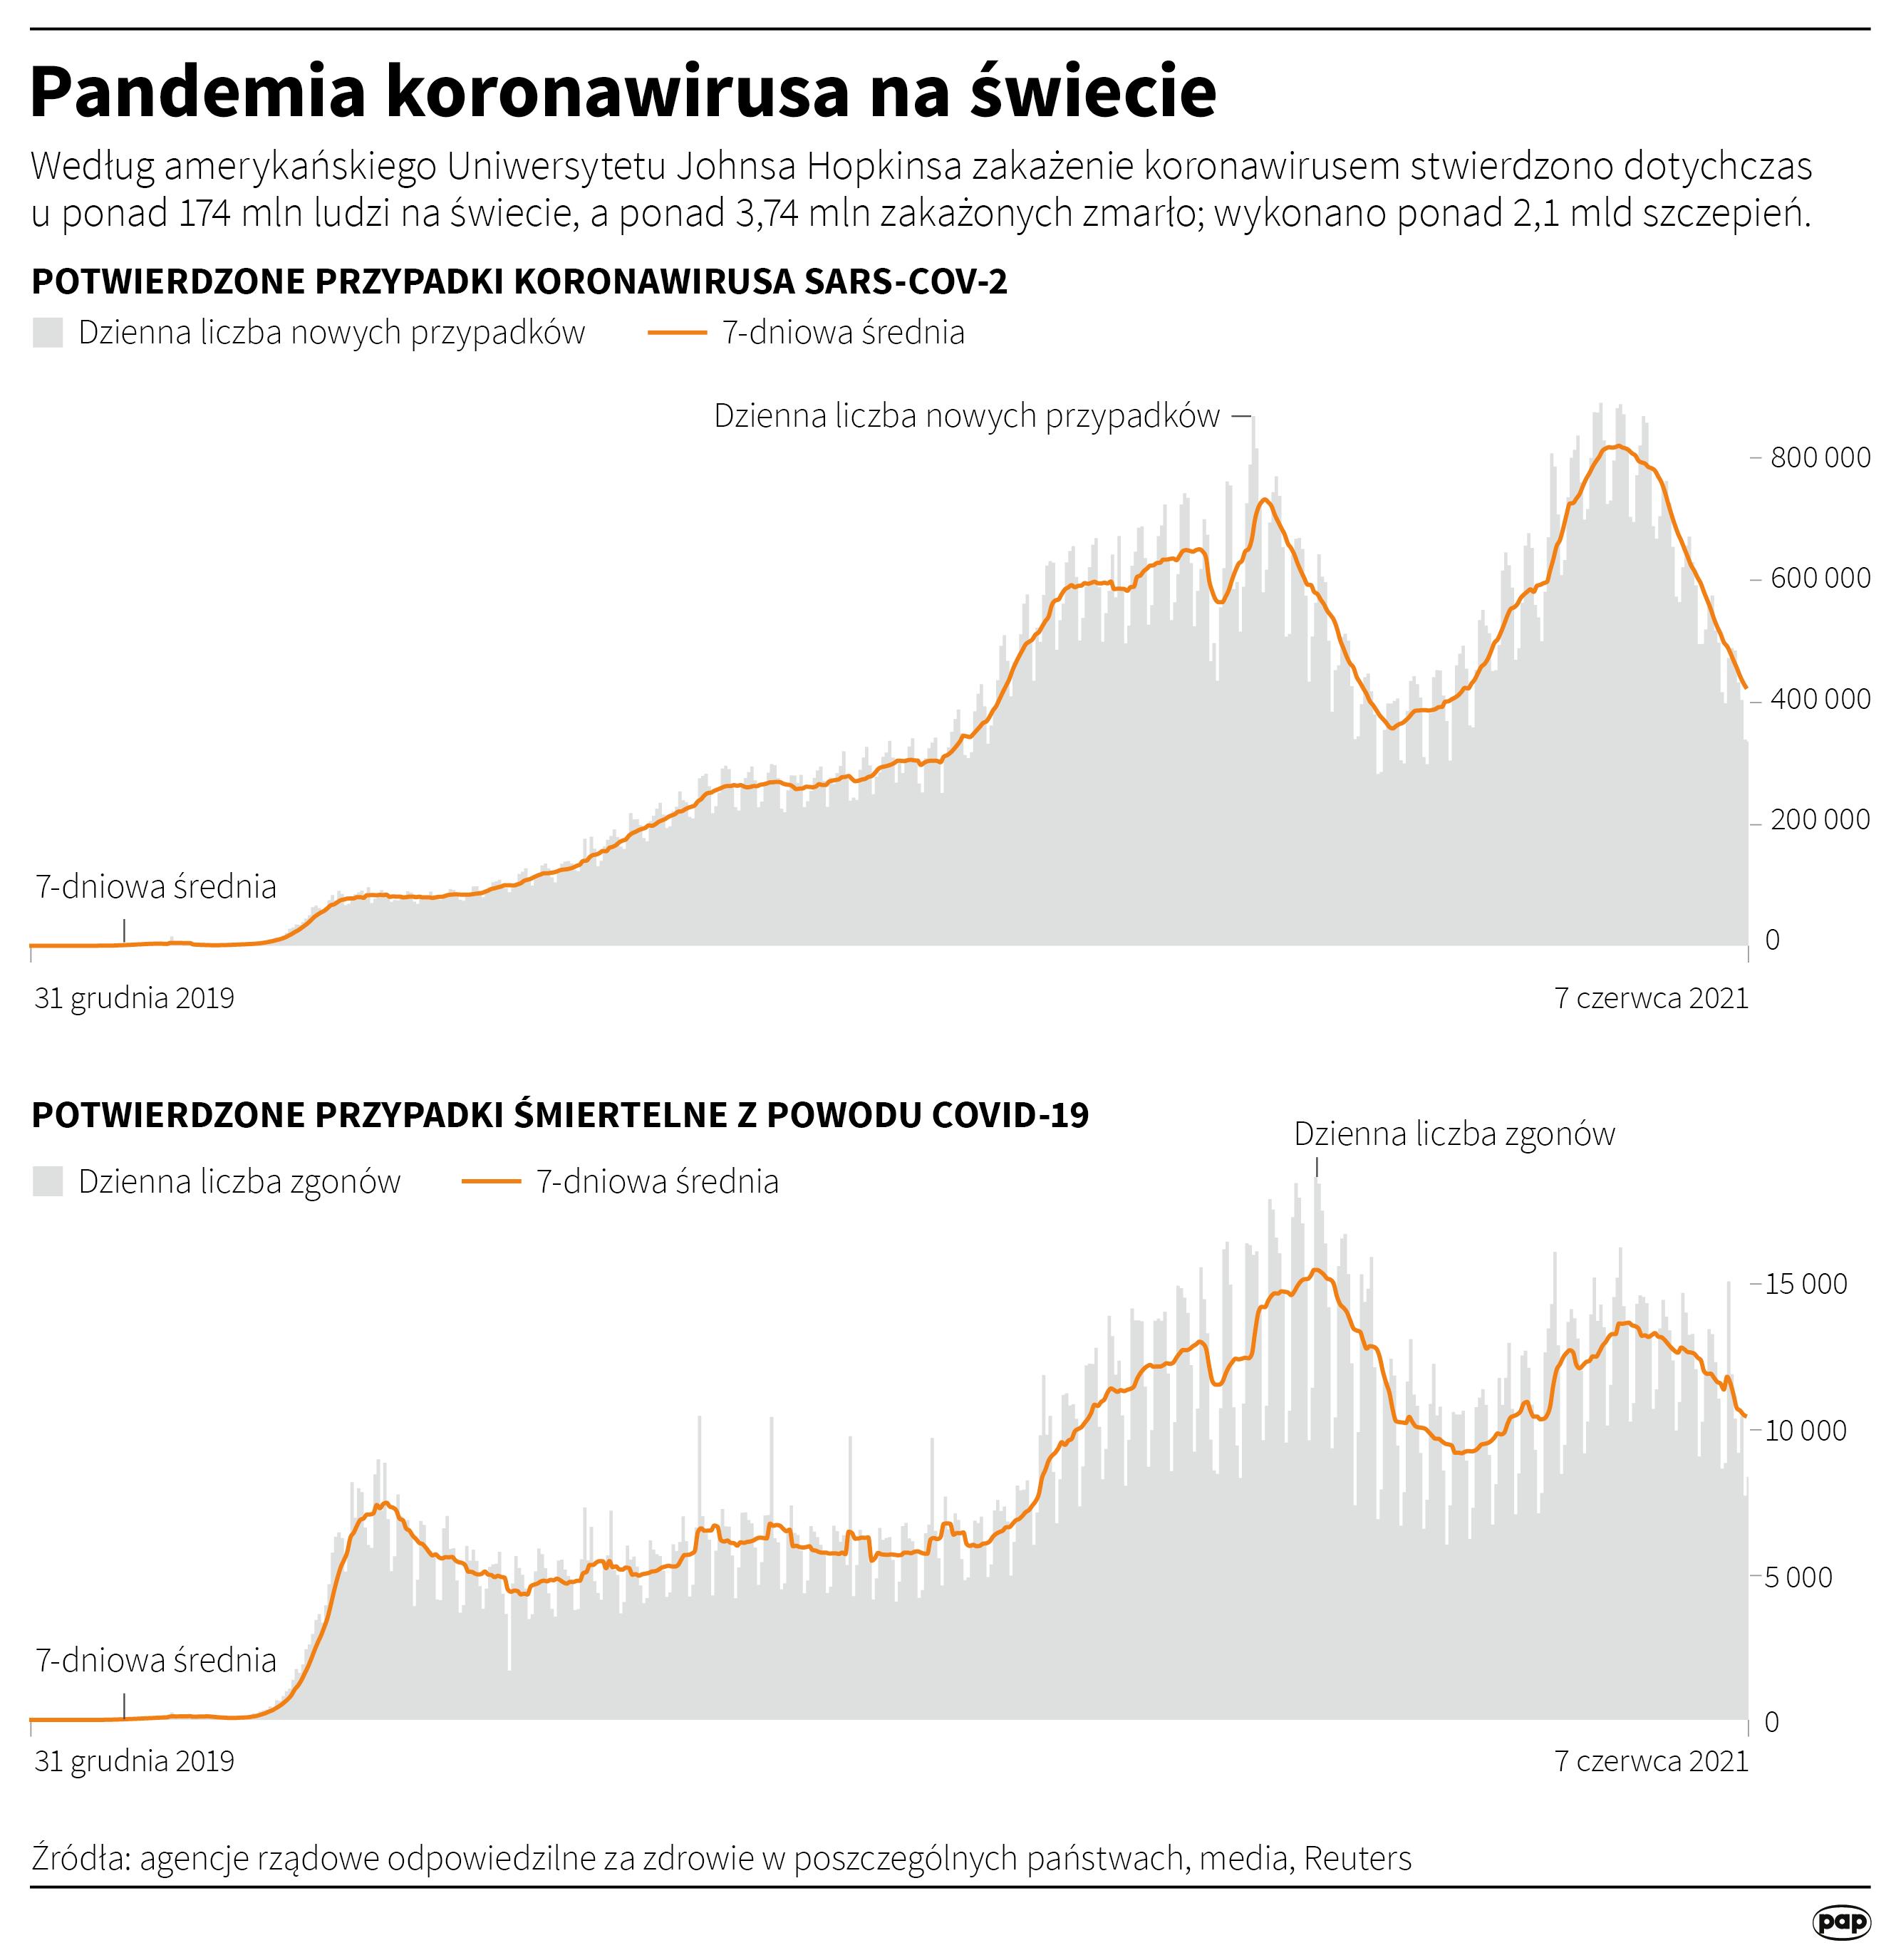 Pandemia na świecie [autor: Adam Ziemienowicz, źródło: PAP]